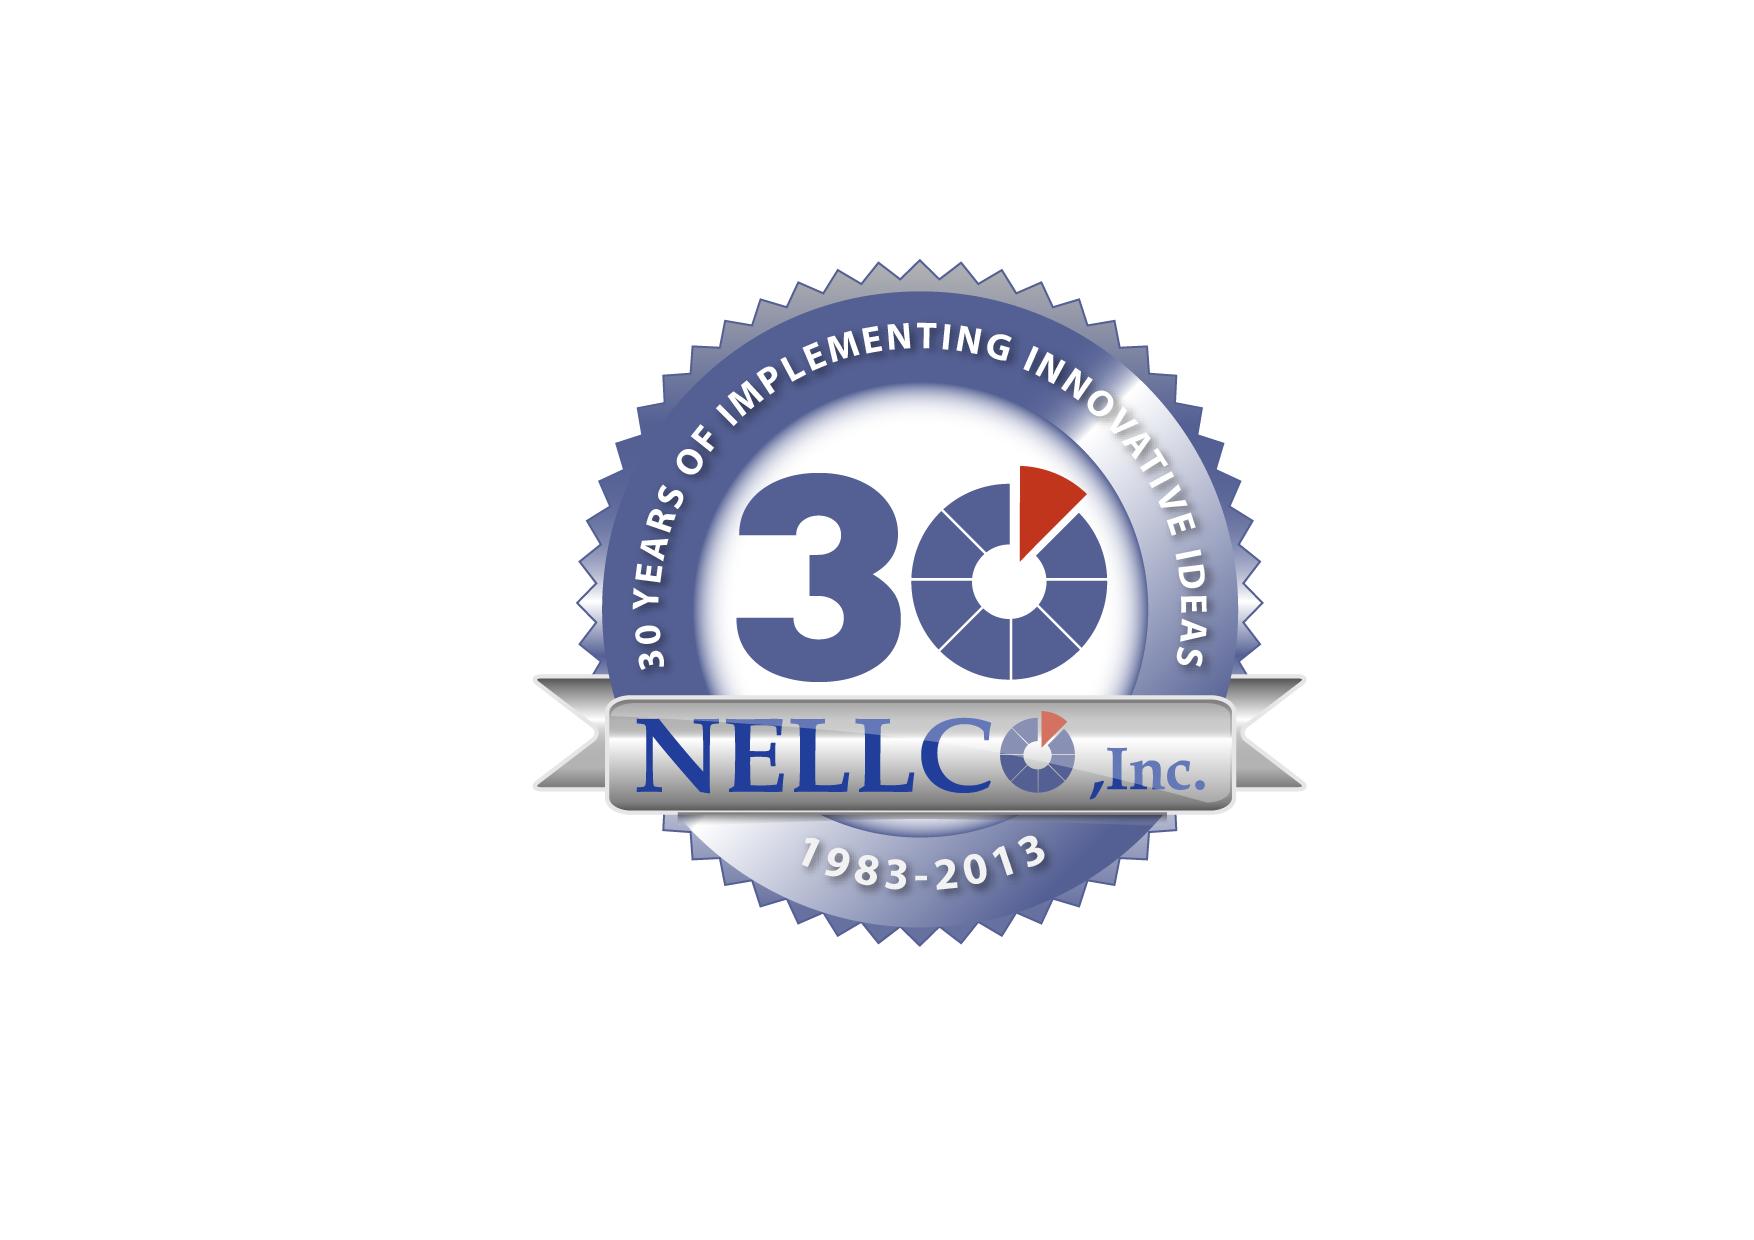 Create the 30th Anniversary Logo for NELLCO